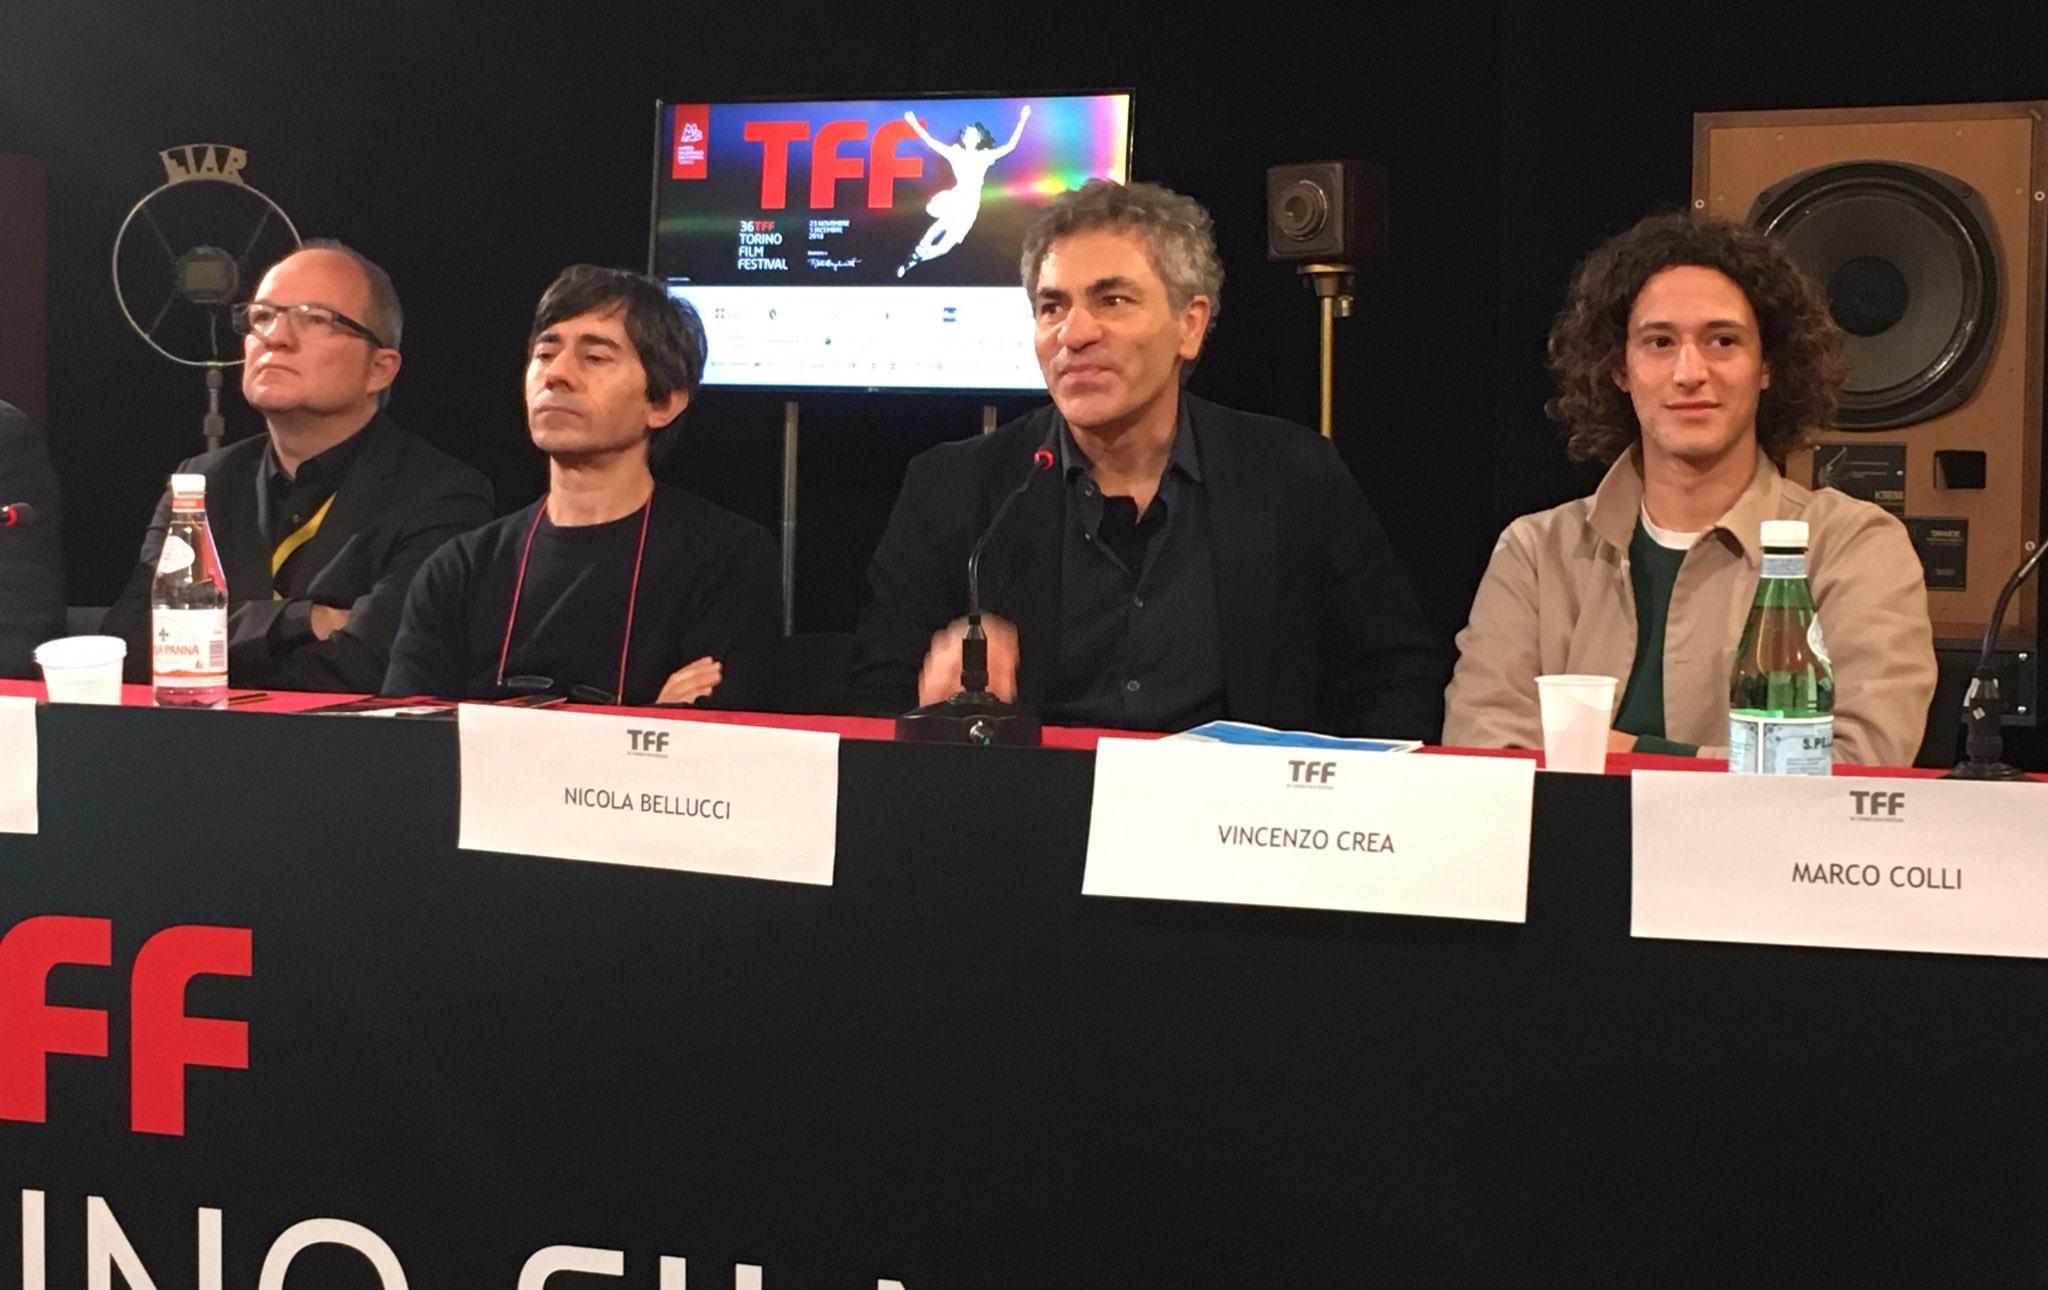 Il mangiatore di pietre: il cast alla conferenza di Torino 2018